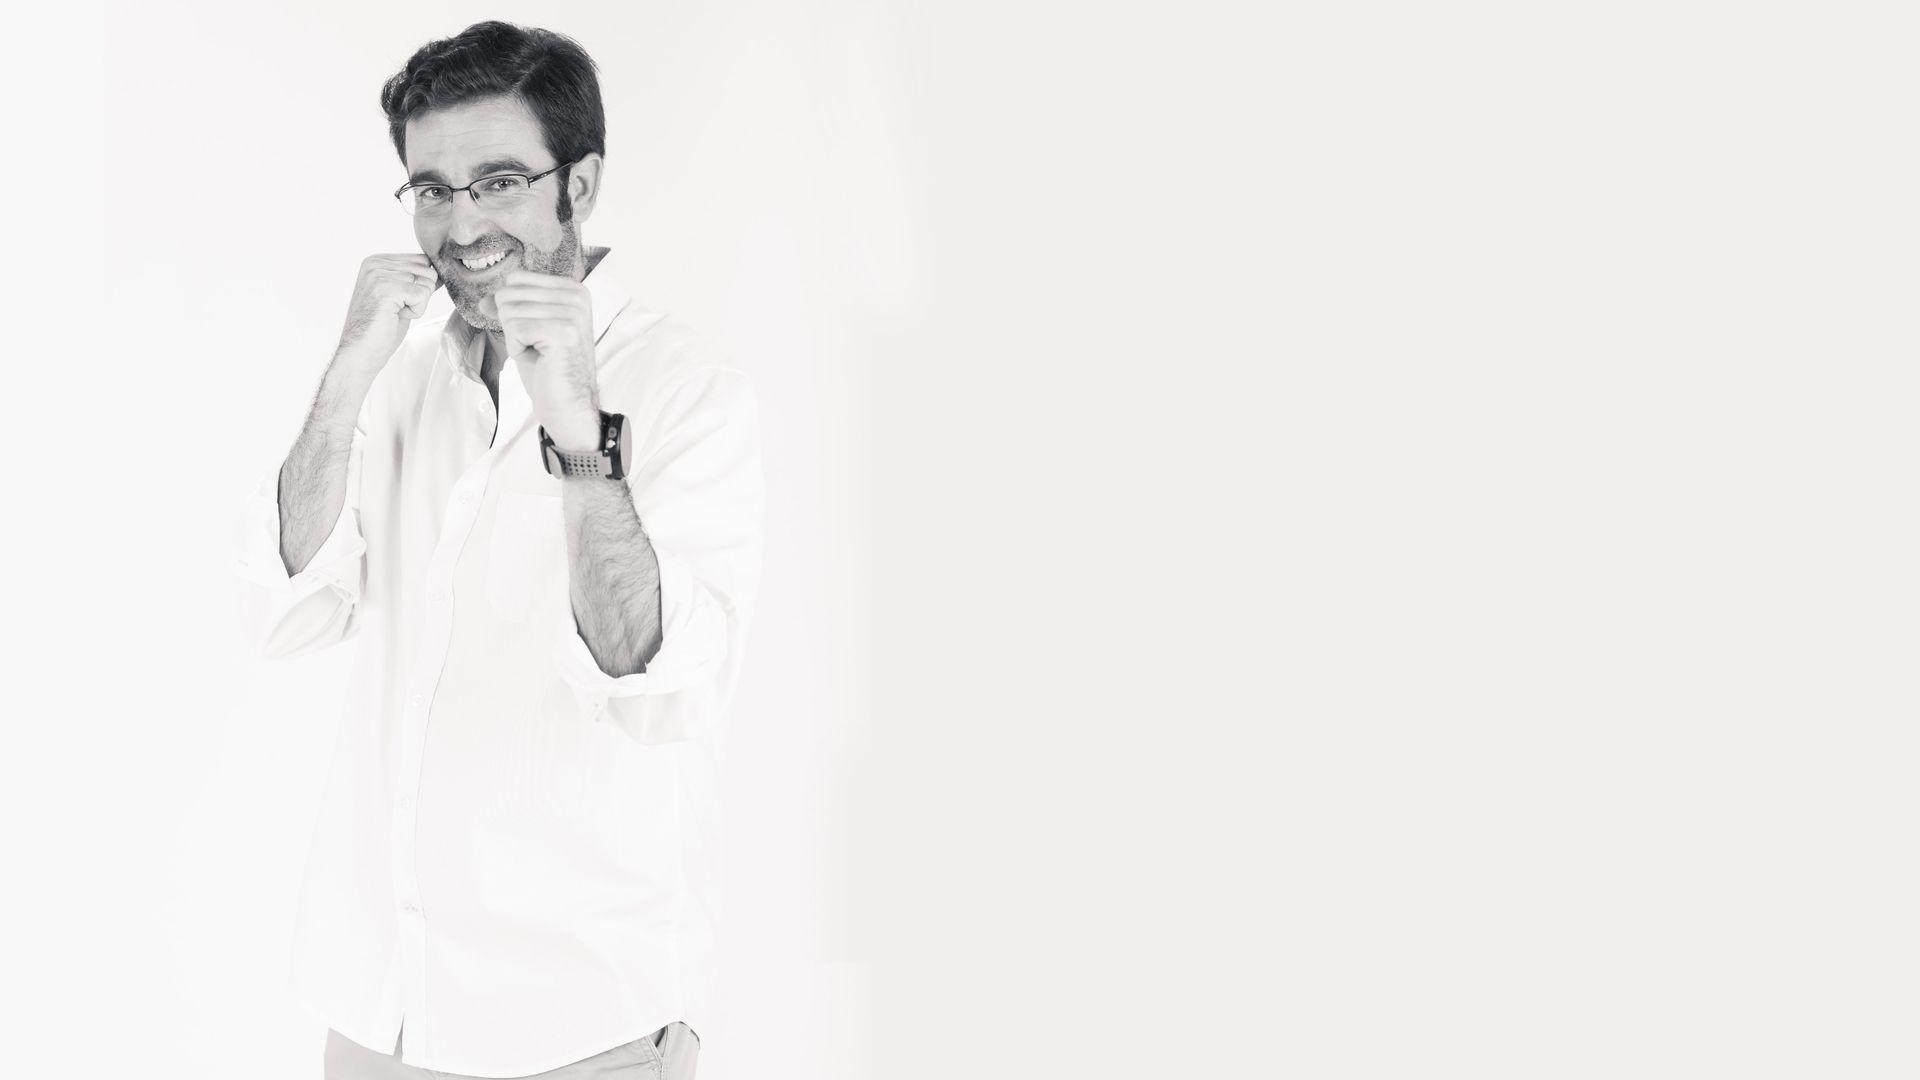 Blog de Marketing Digital y Social Media por Jose Gómez-Zorrilla